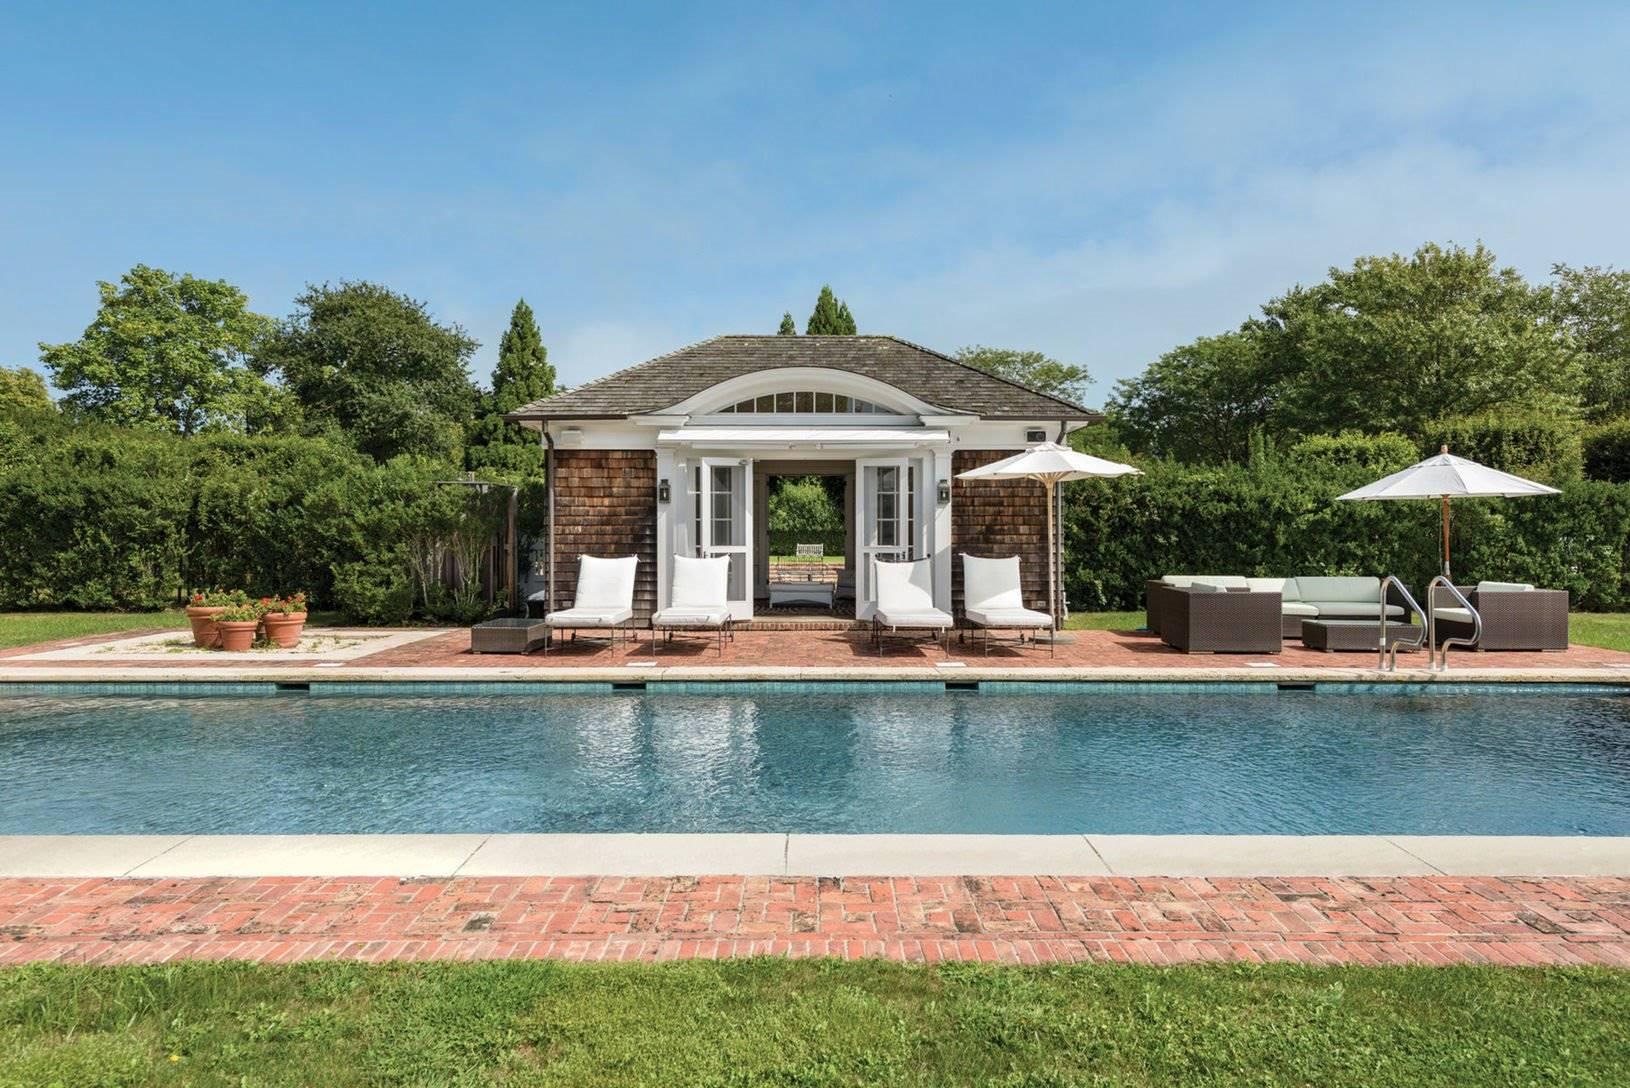 Piscina de la casa de Chantal miller en los hamptons. Una piscina con casita propia